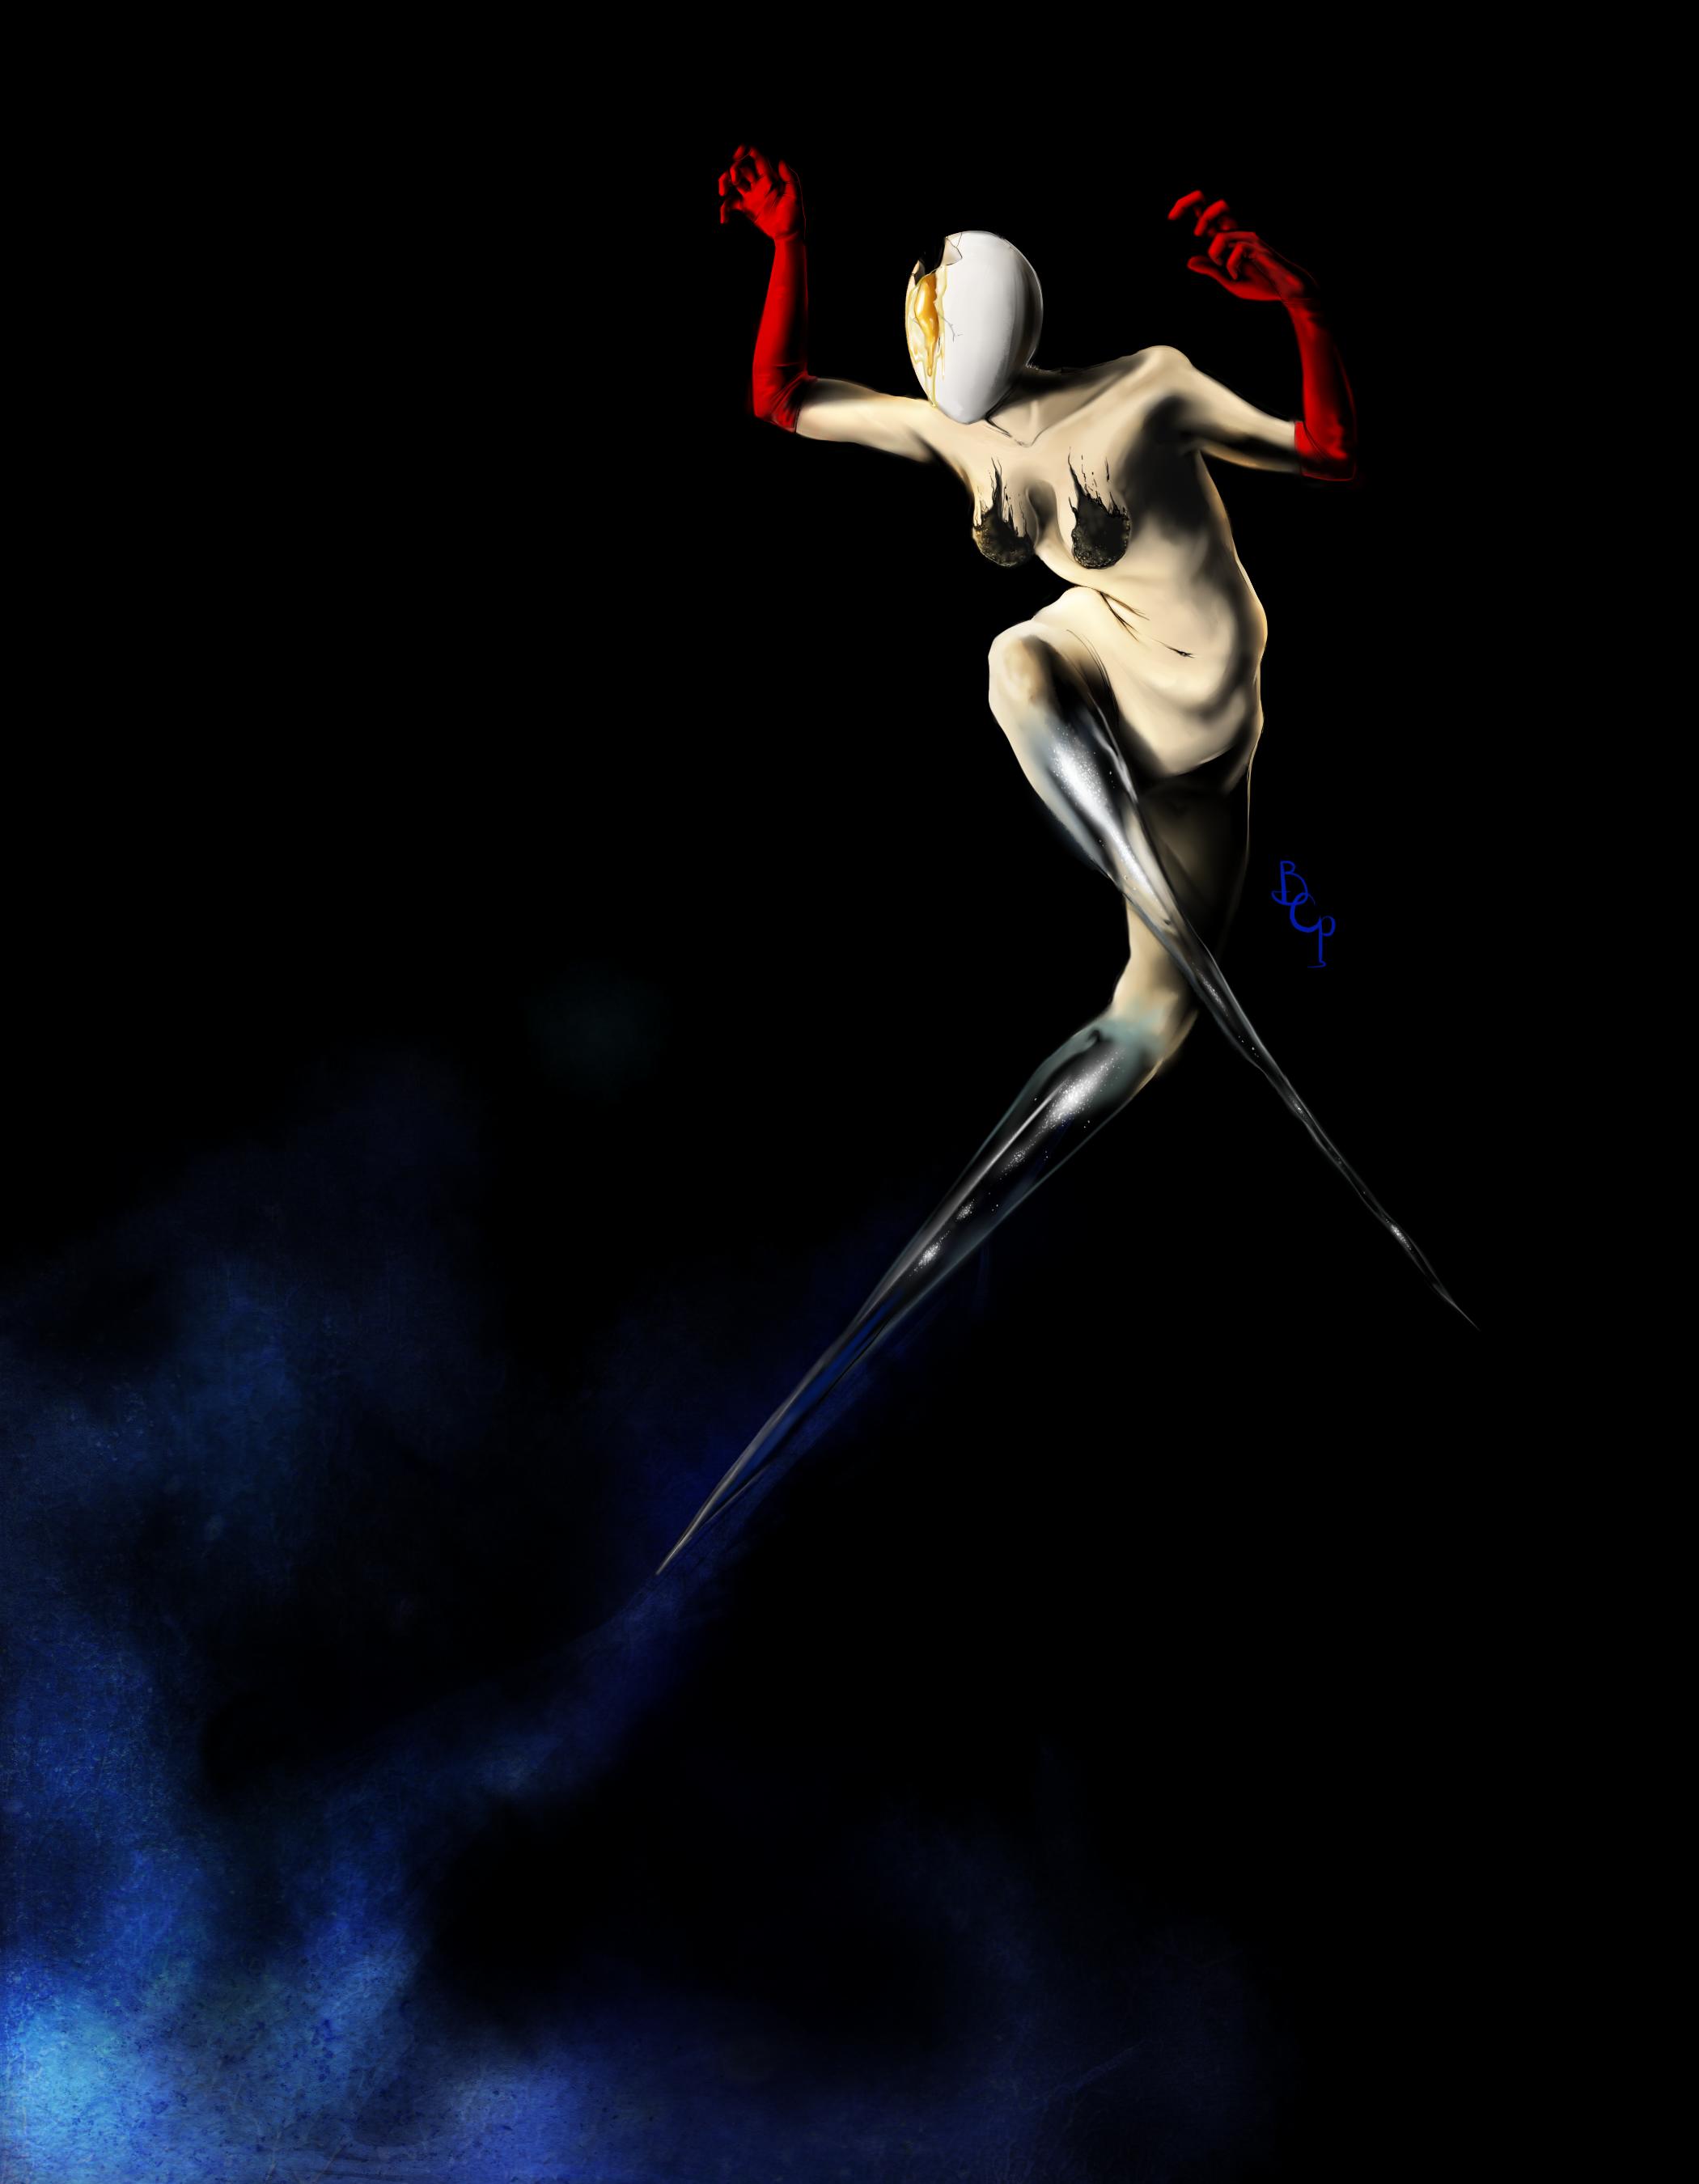 Cold Feet by Berserk-Cyborg-Panda